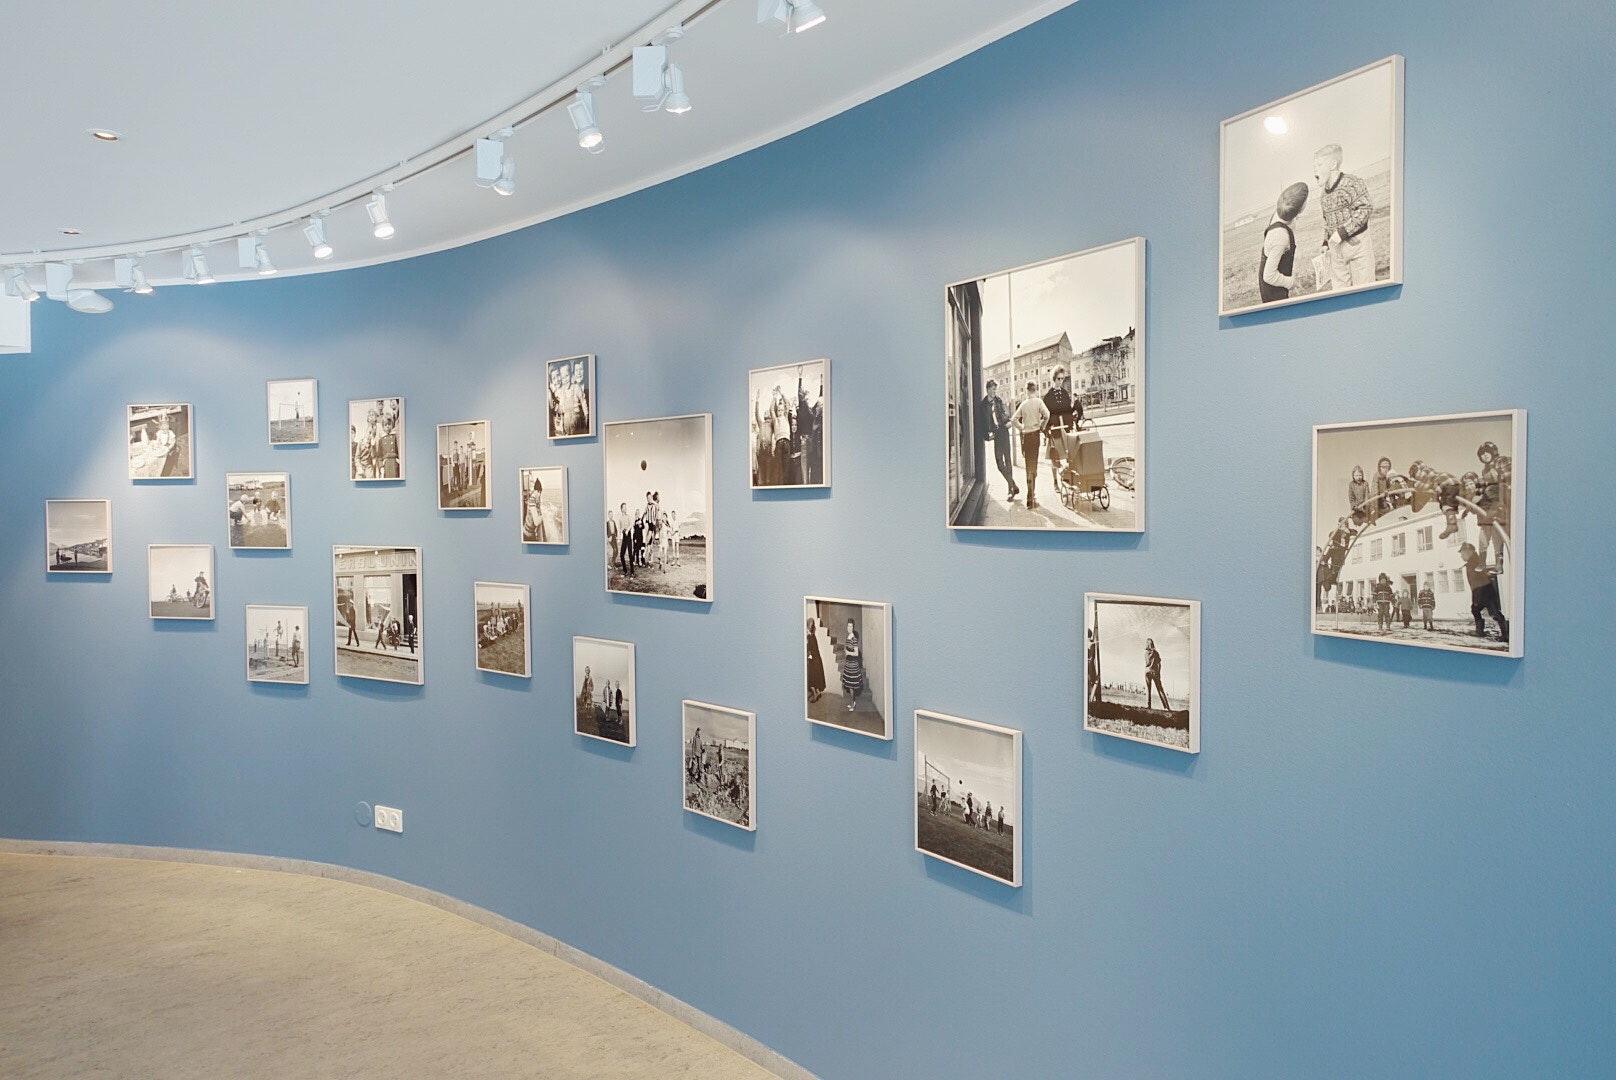 冰岛首都雷克雅未克摄影博物馆展览